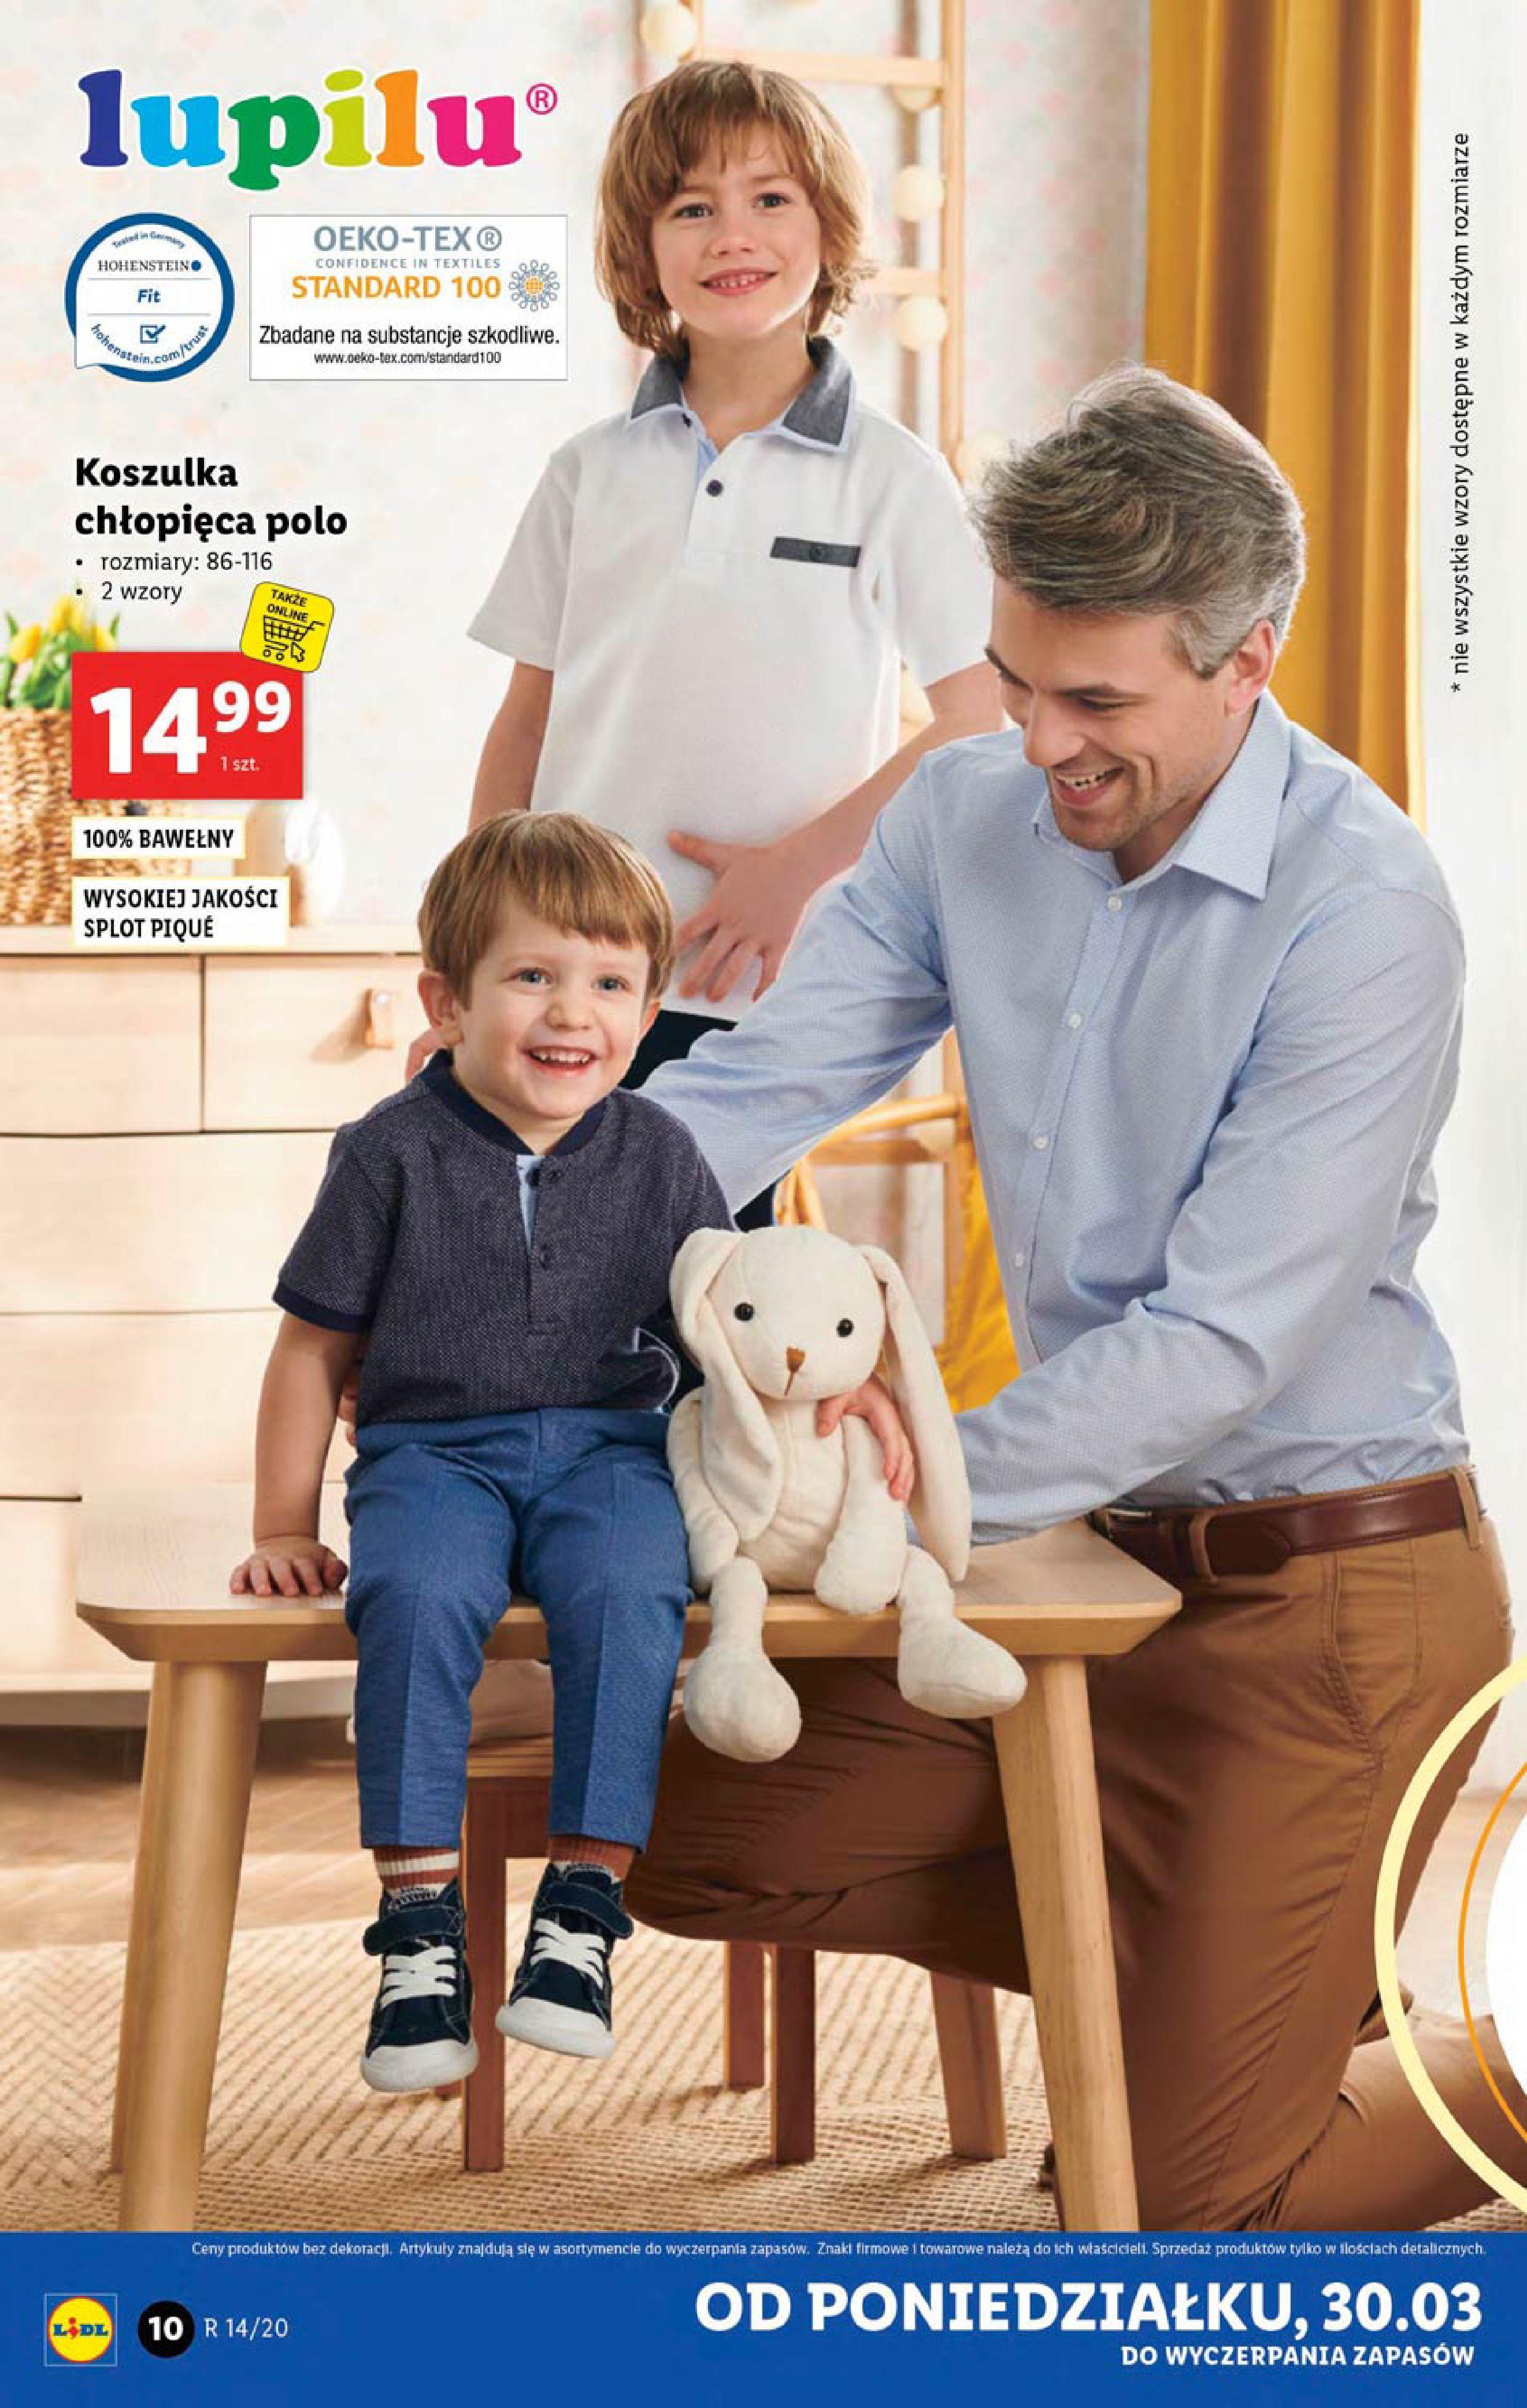 Gazetka Lidl - Katalog od poniedziałku 30.03-29.03.2020-05.04.2020-page-10